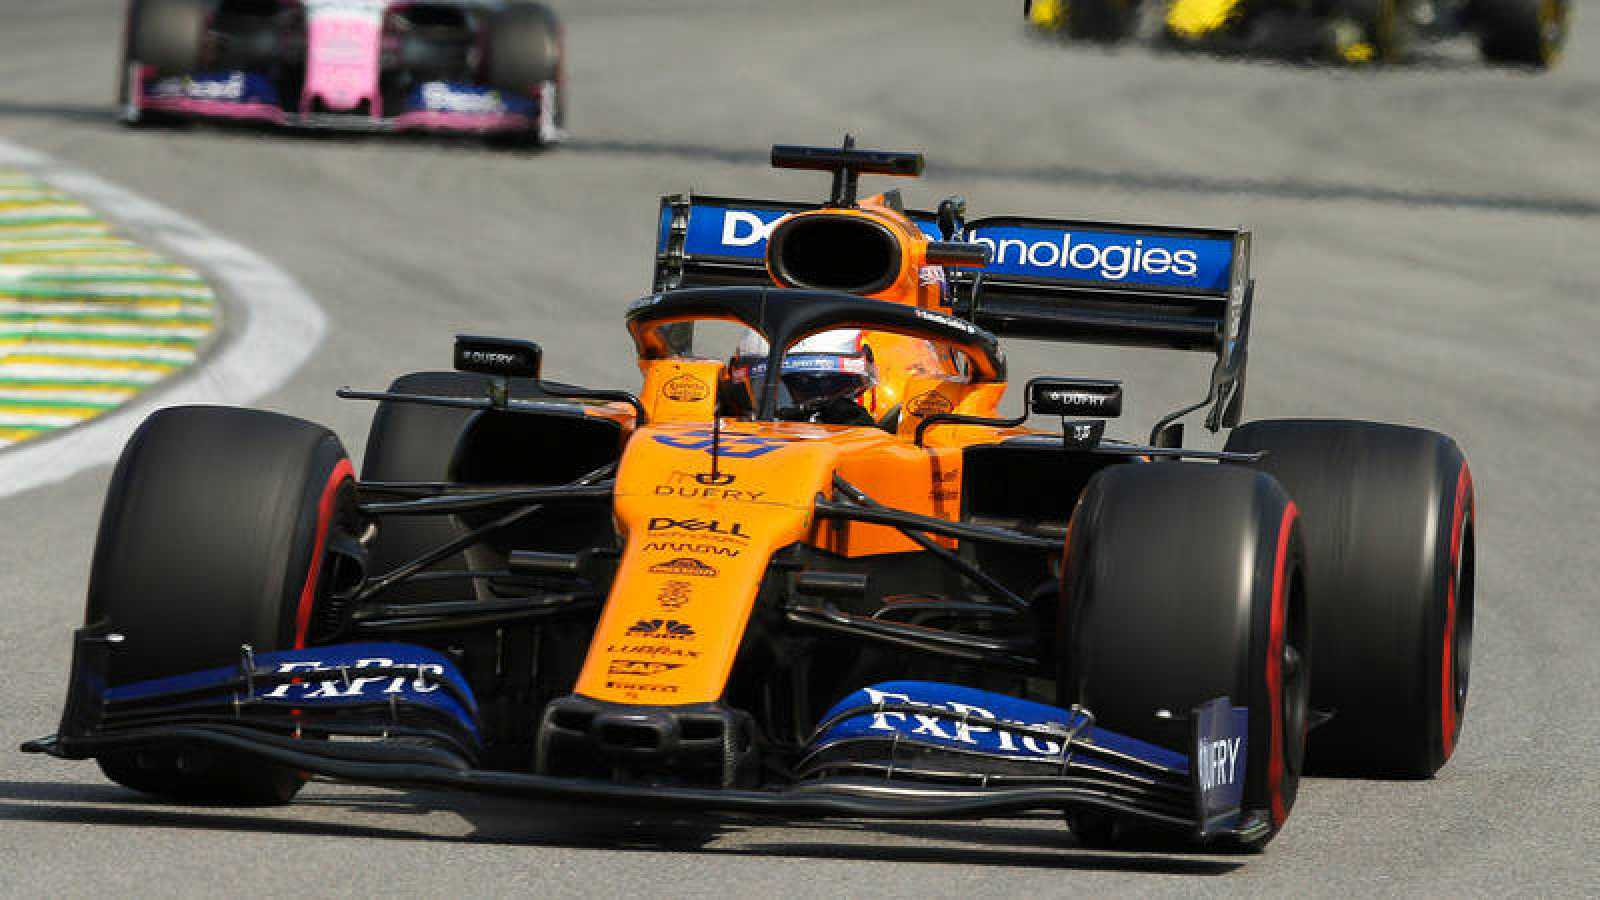 El español Carlos Sainz (McLaren9, durante la carrera del Gran Premio de Brasil.